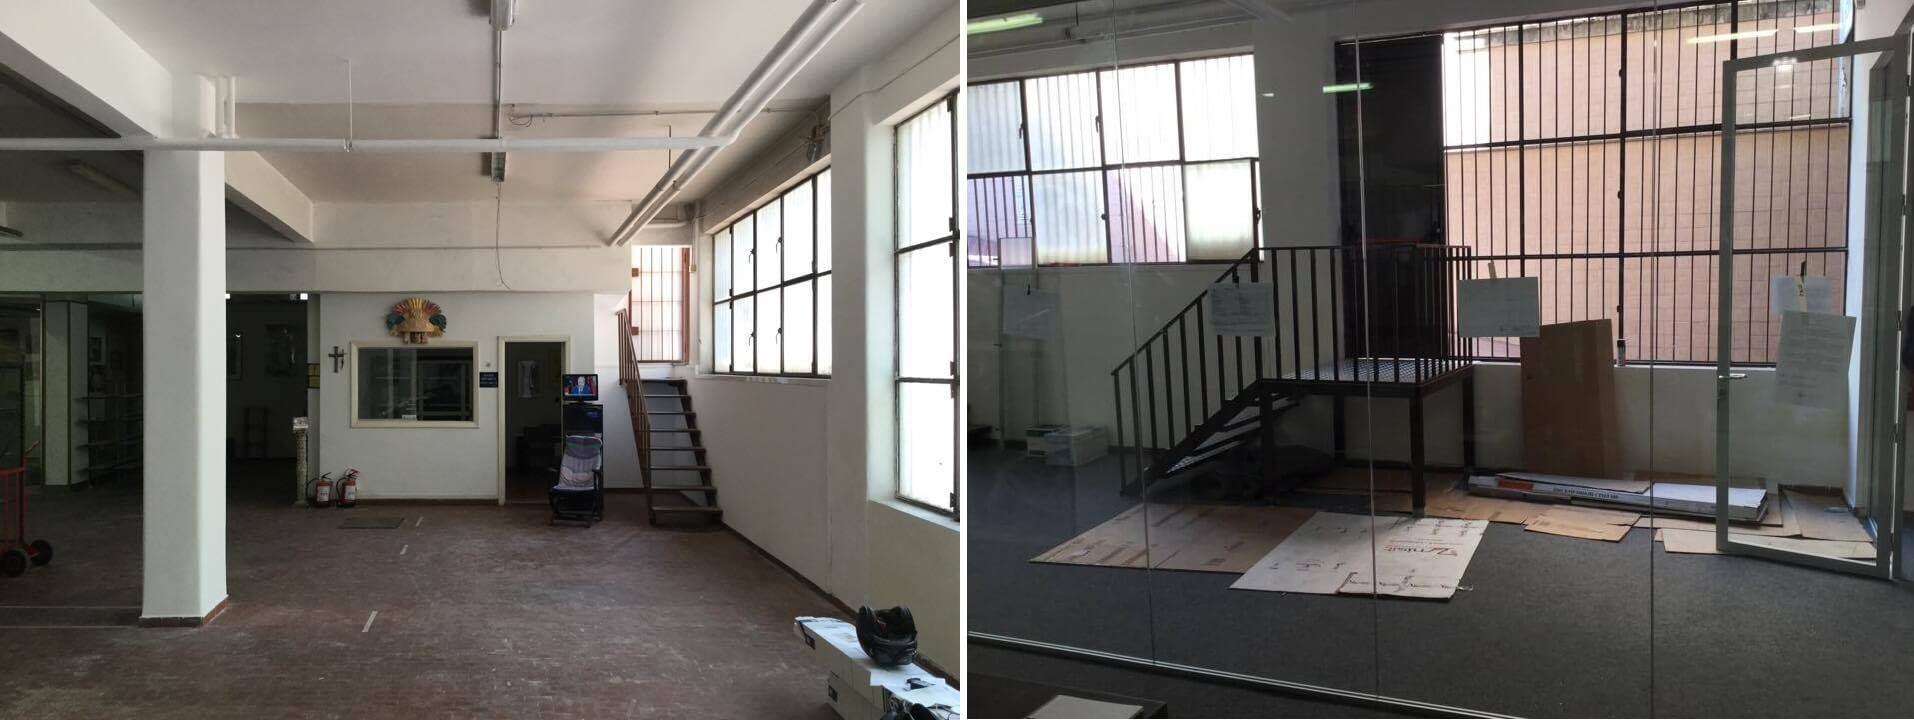 Realizzazione pareti monovetro – Gruppo Smau (3)